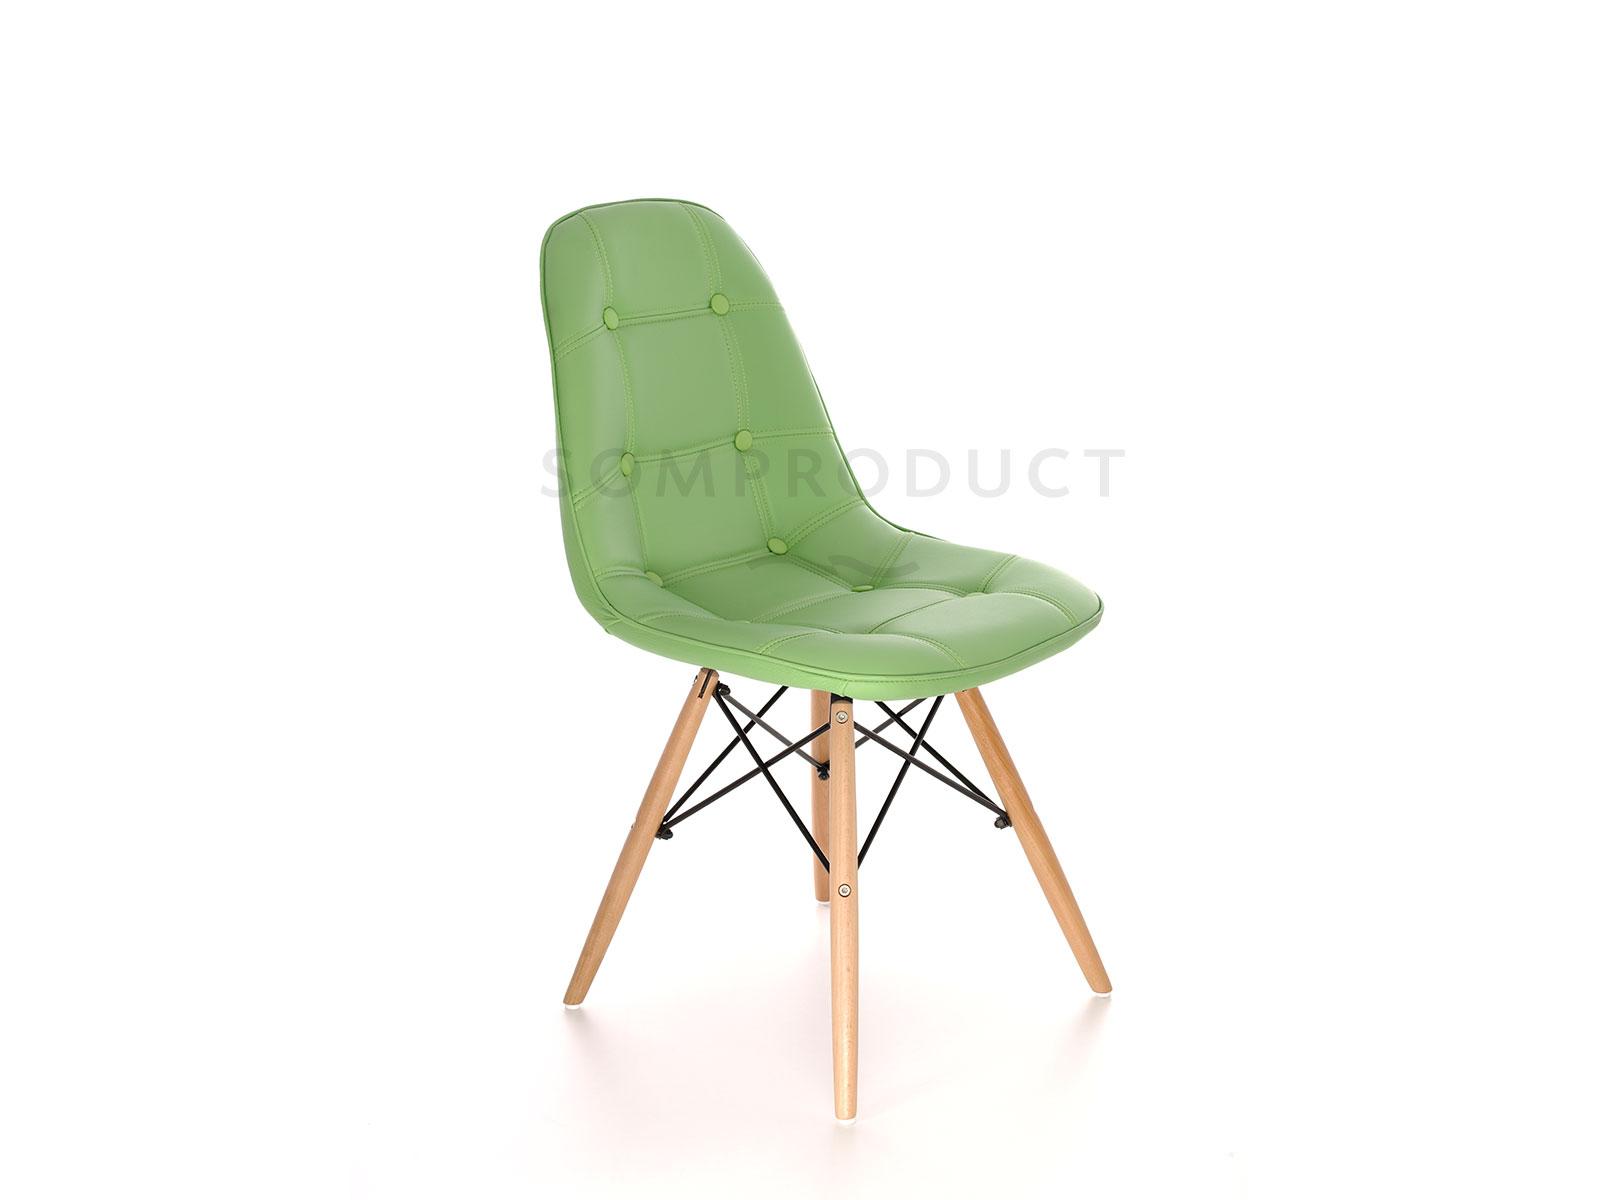 Scaun tapitat cu piele ecologica si picioare de lemn Iars Green l41xA36xH83 cm